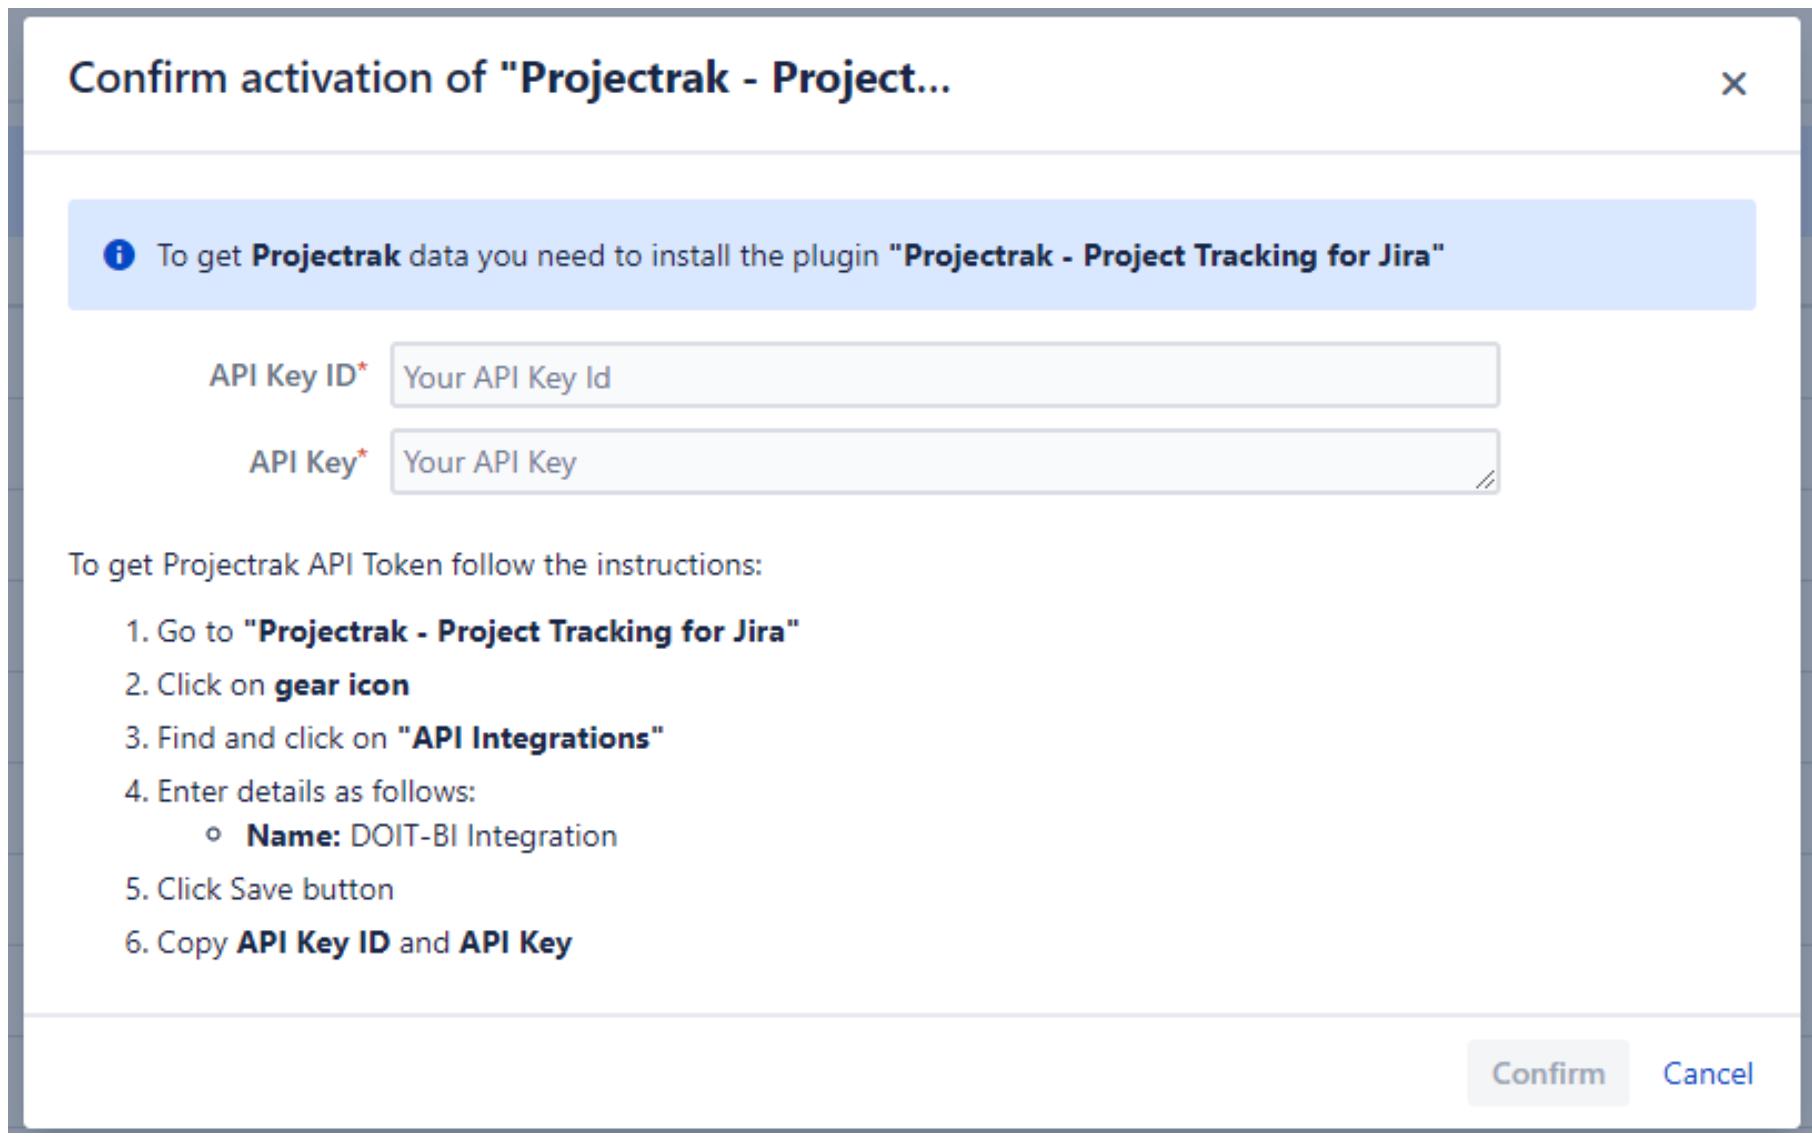 Añade la API Key ID y la API Key para conectar Projectrak con Microsoft Power BI Connector